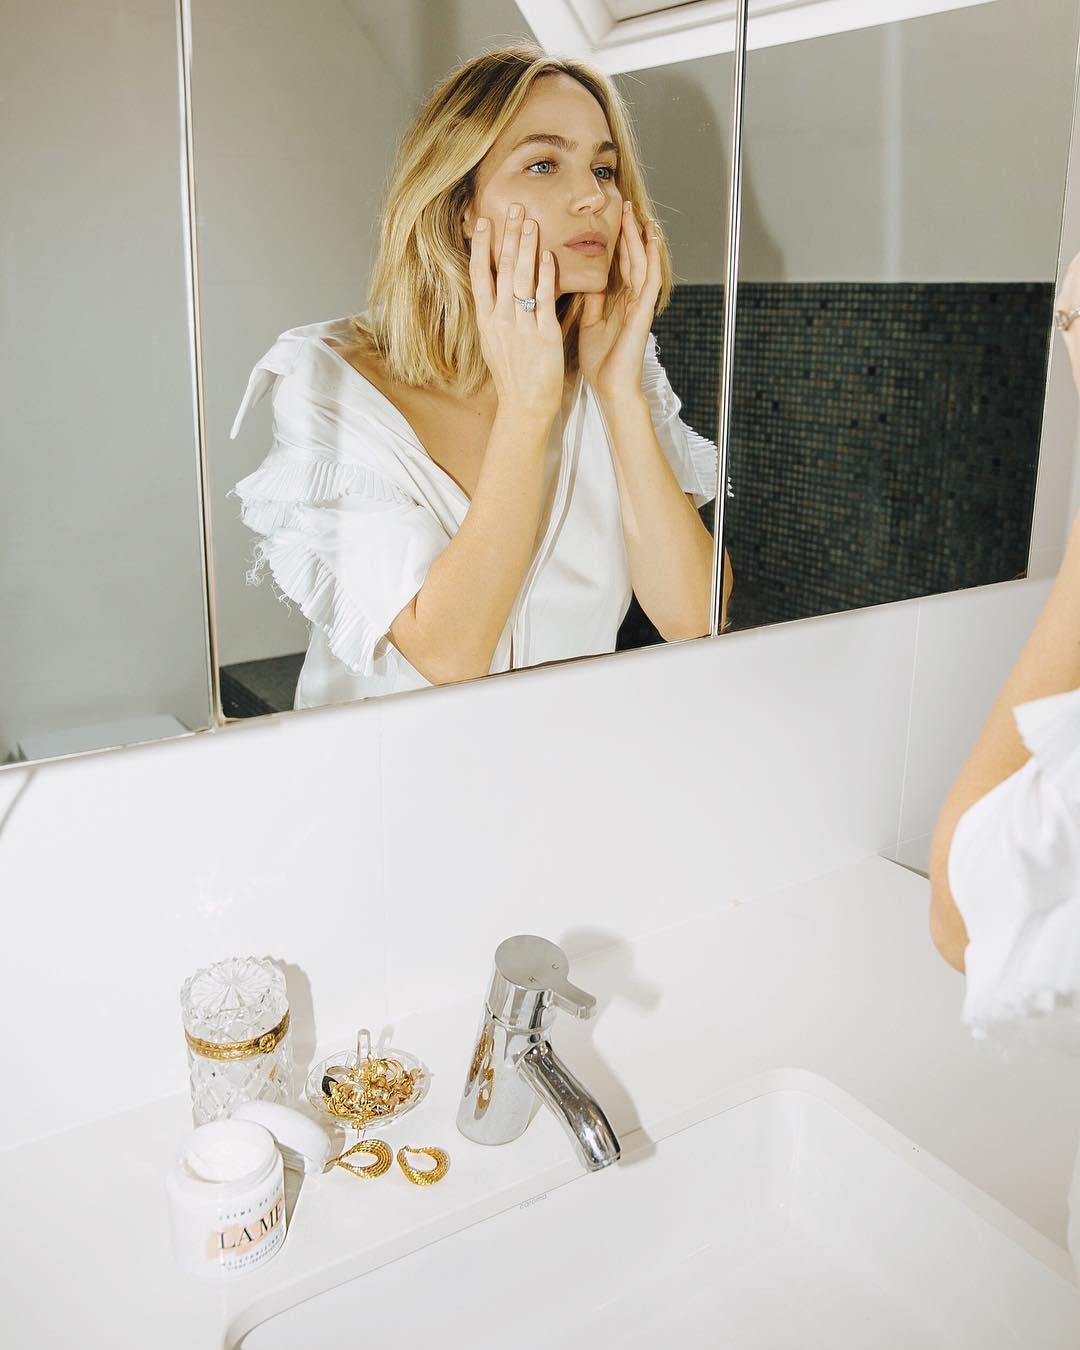 Самые эффективные косметологические процедуры для женщин 40+